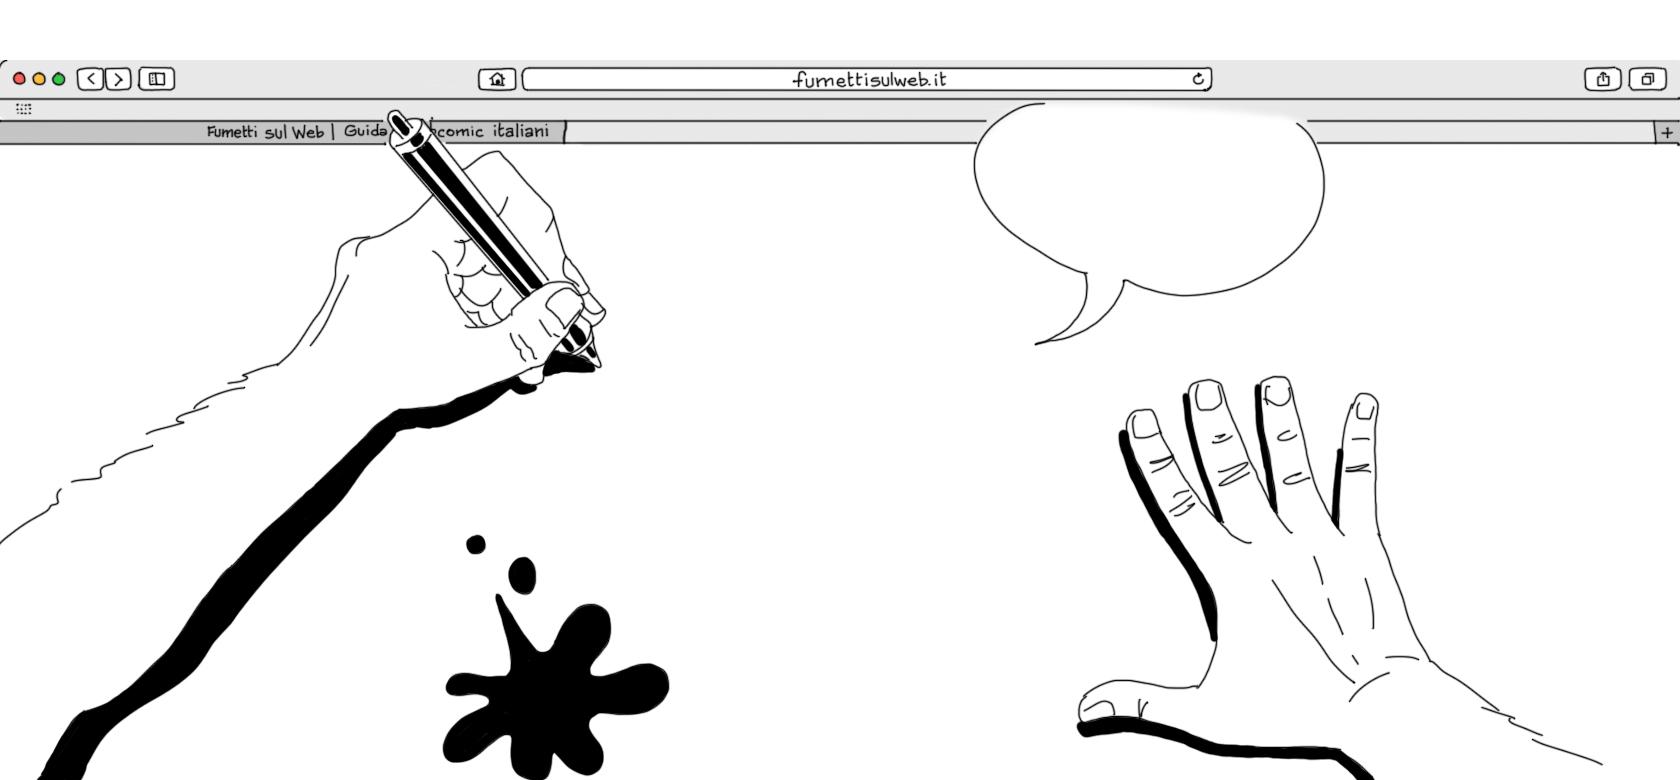 fumetti sul web